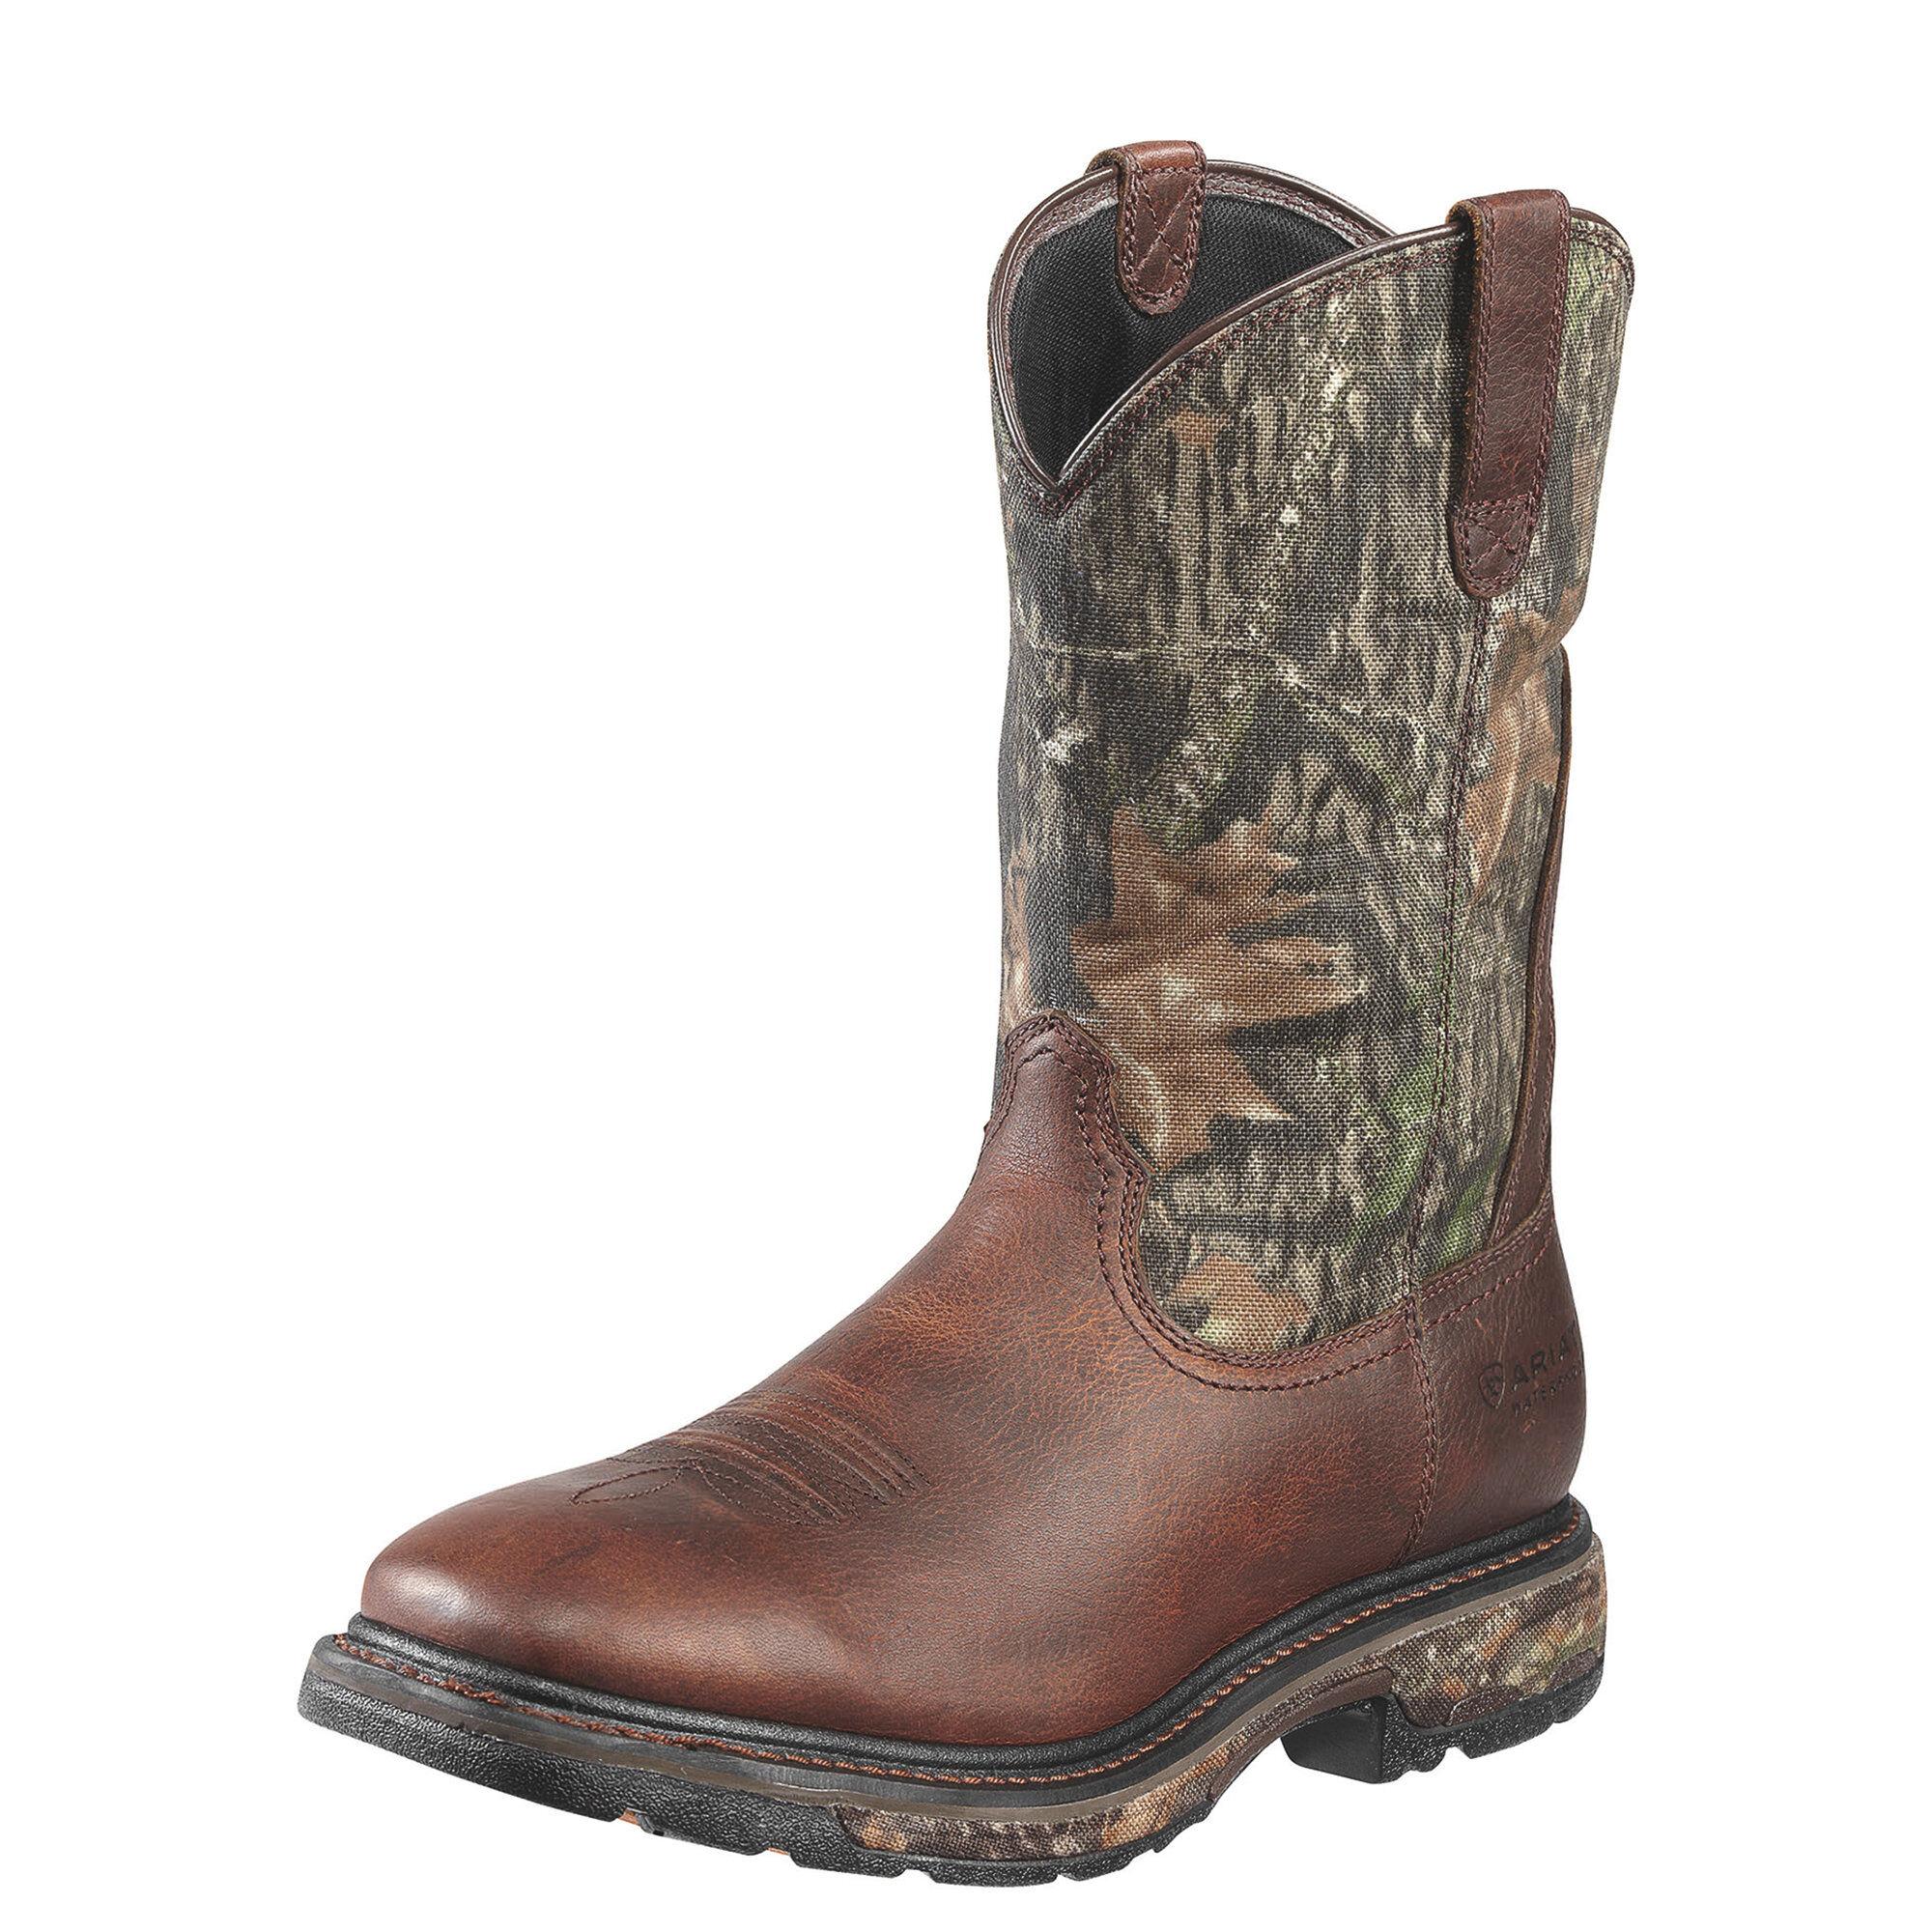 b55f1cc23ef WorkHog Wide Square Toe Waterproof Steel Toe Work Boot